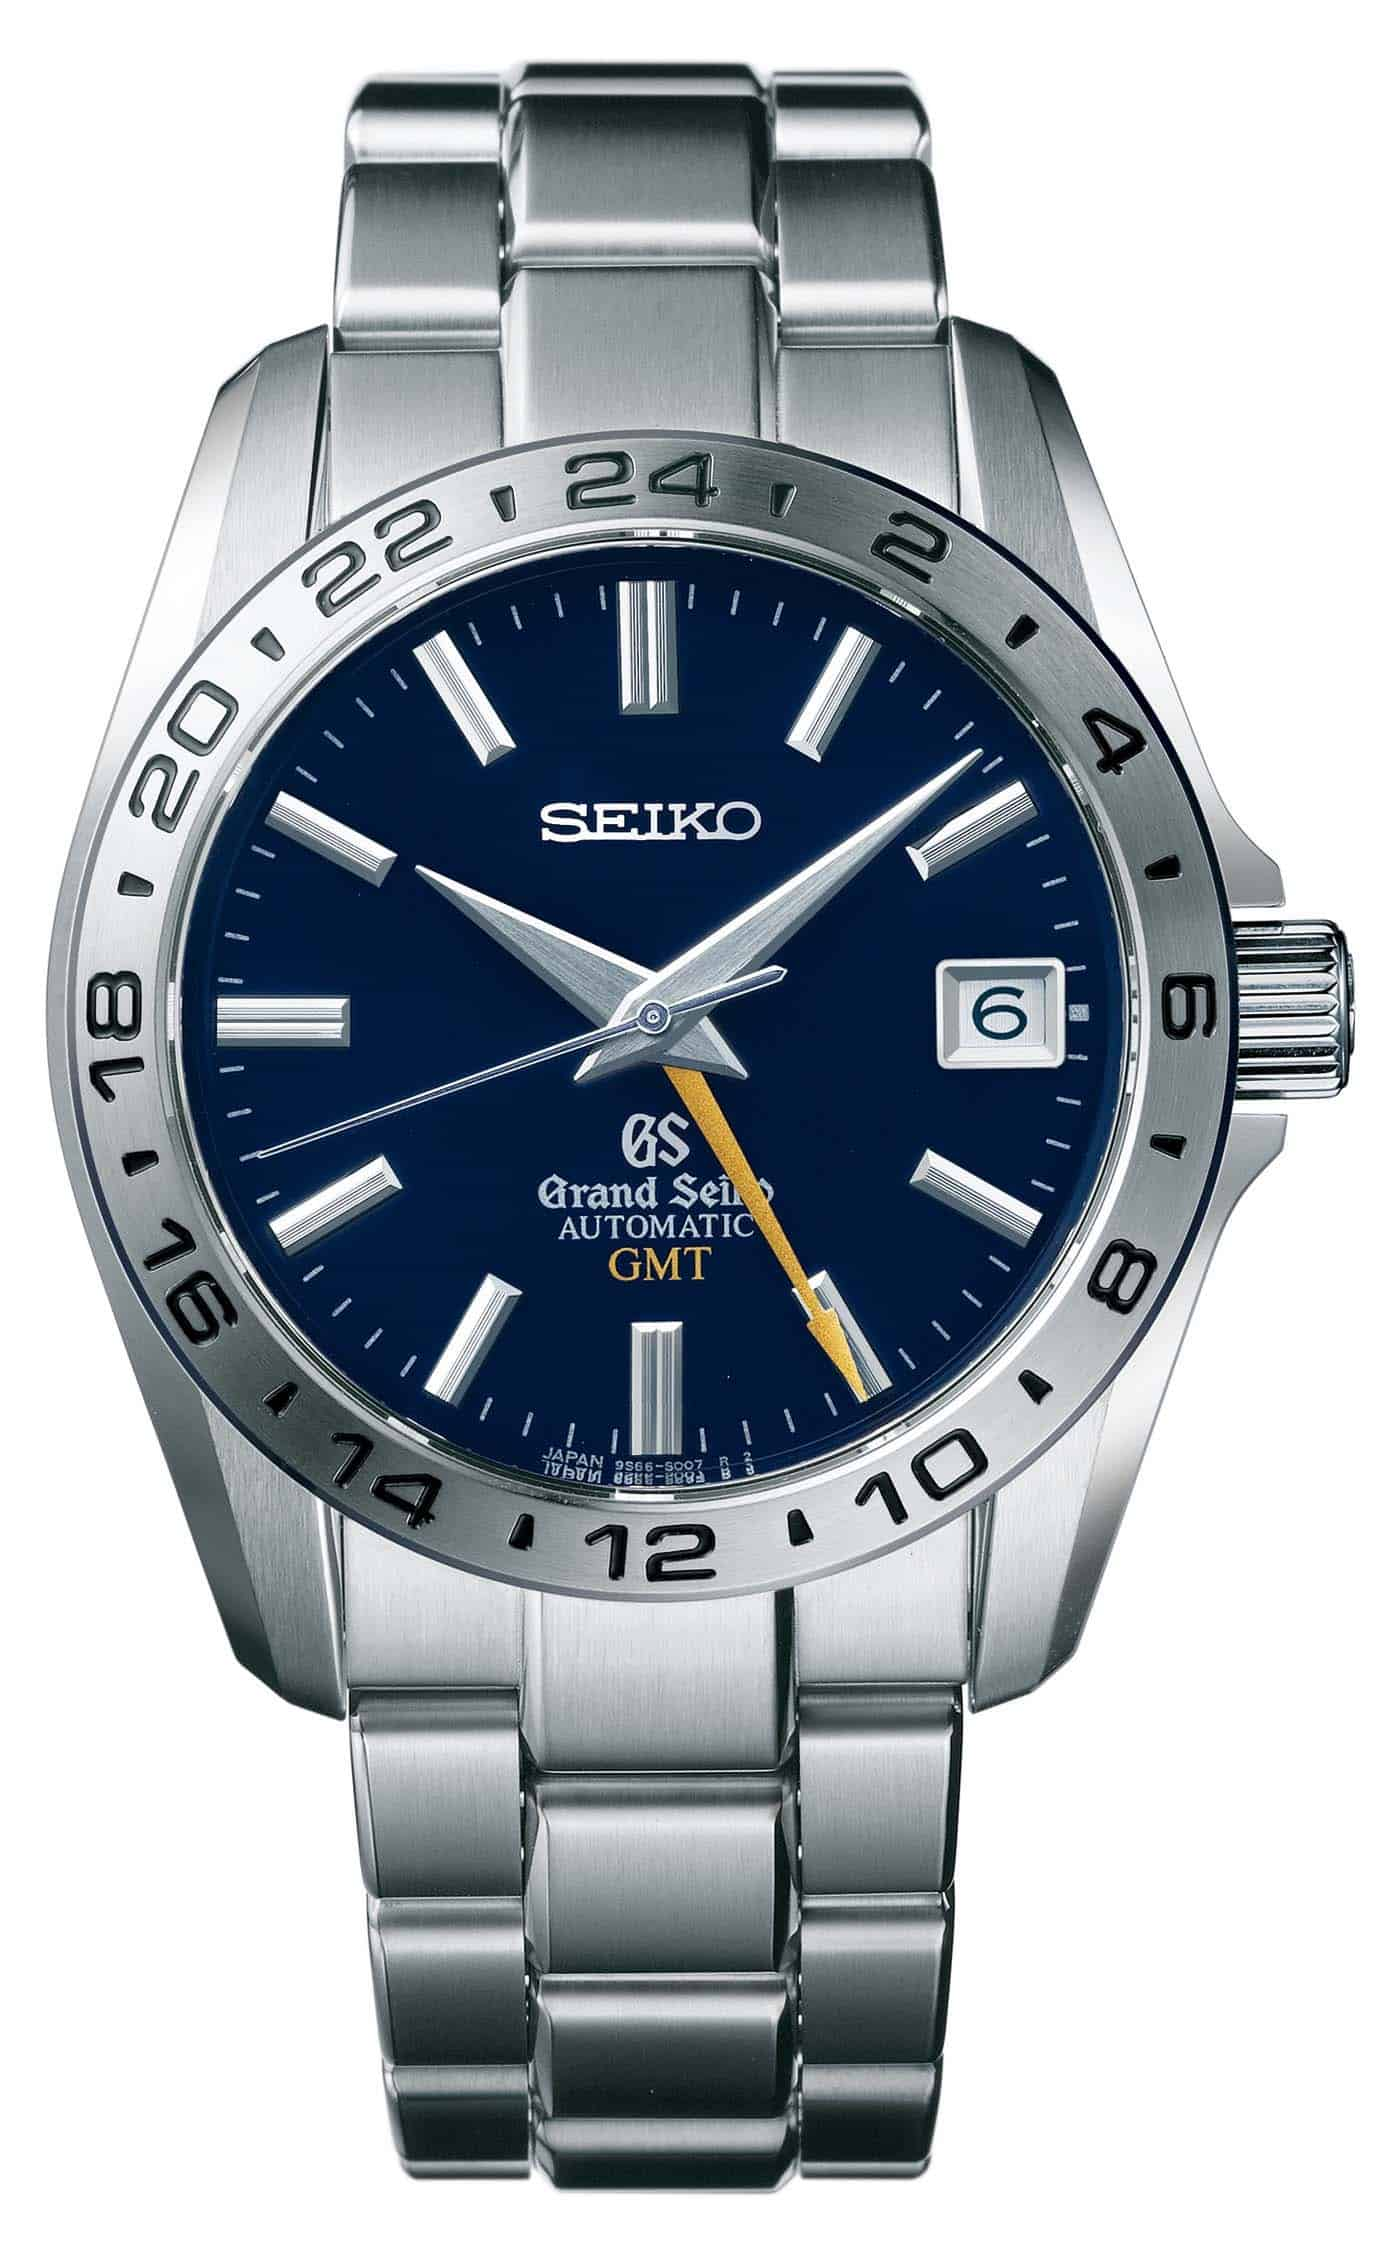 Seiko RLS1203 01 SBGM029